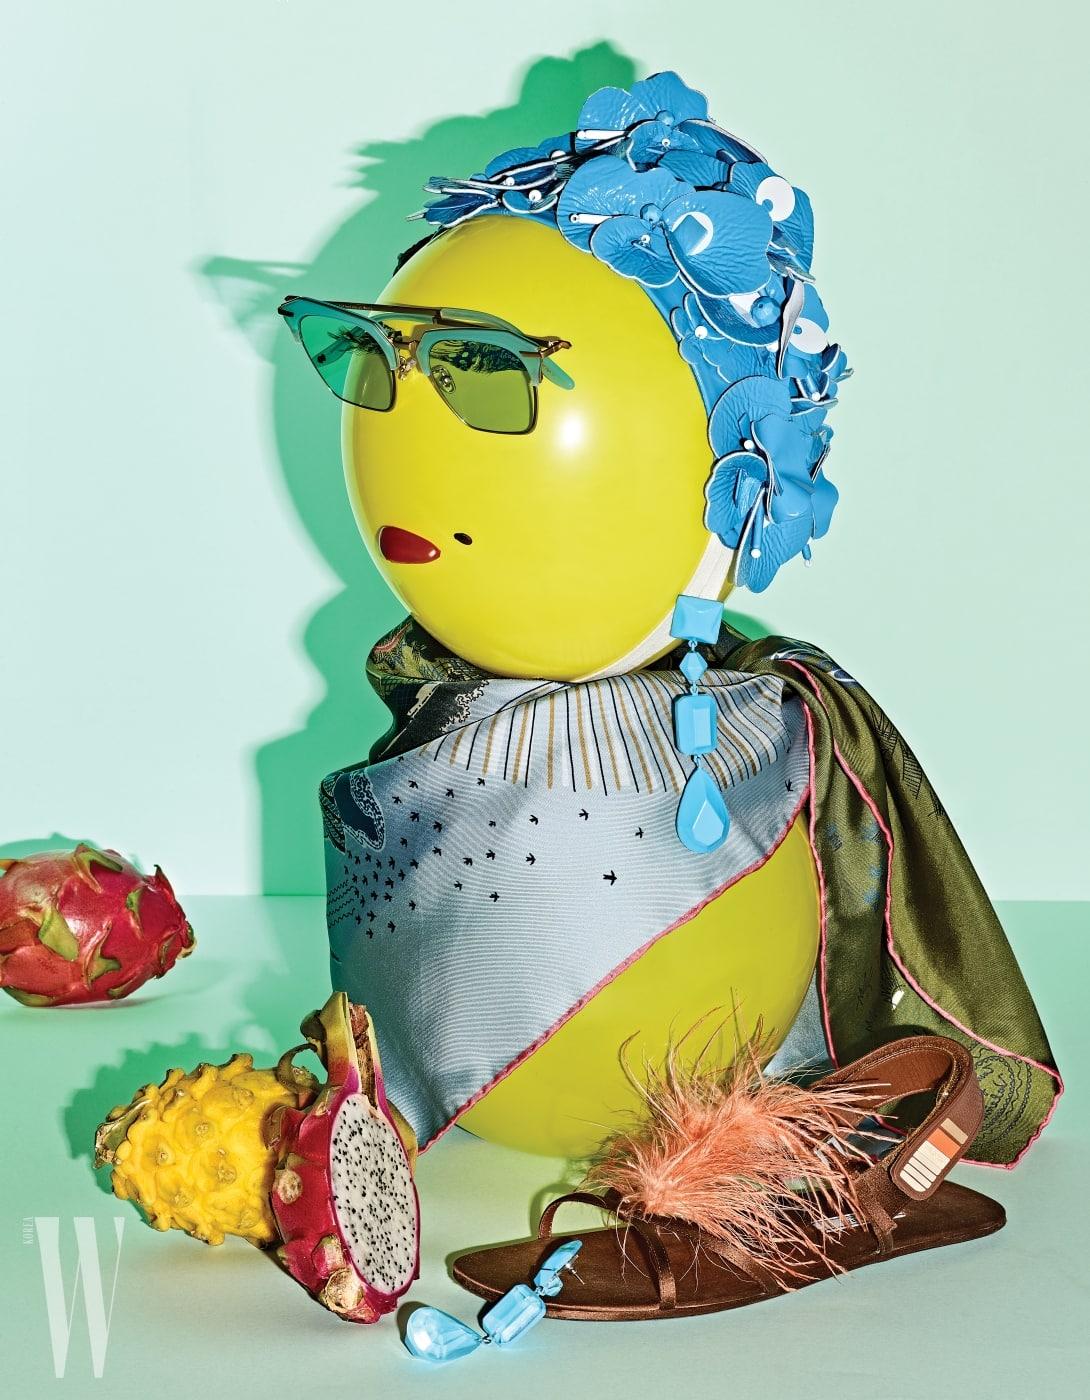 위부터 시계 방향 | 꽃 모티프의 레트로풍 헤드피스는 Miu Miu, 푸른 원석 장식의 드롭형 귀고리는 Celine, 섬세한 프린트가 돋보이는 실크 스카프는 Valentino Garavani, 타조 깃털 장식이 우아함을 더하는 플랫 샌들은 Prada, 푸른색 셰이딩의 틴트 선글라스는 Front Eyewear 제품.